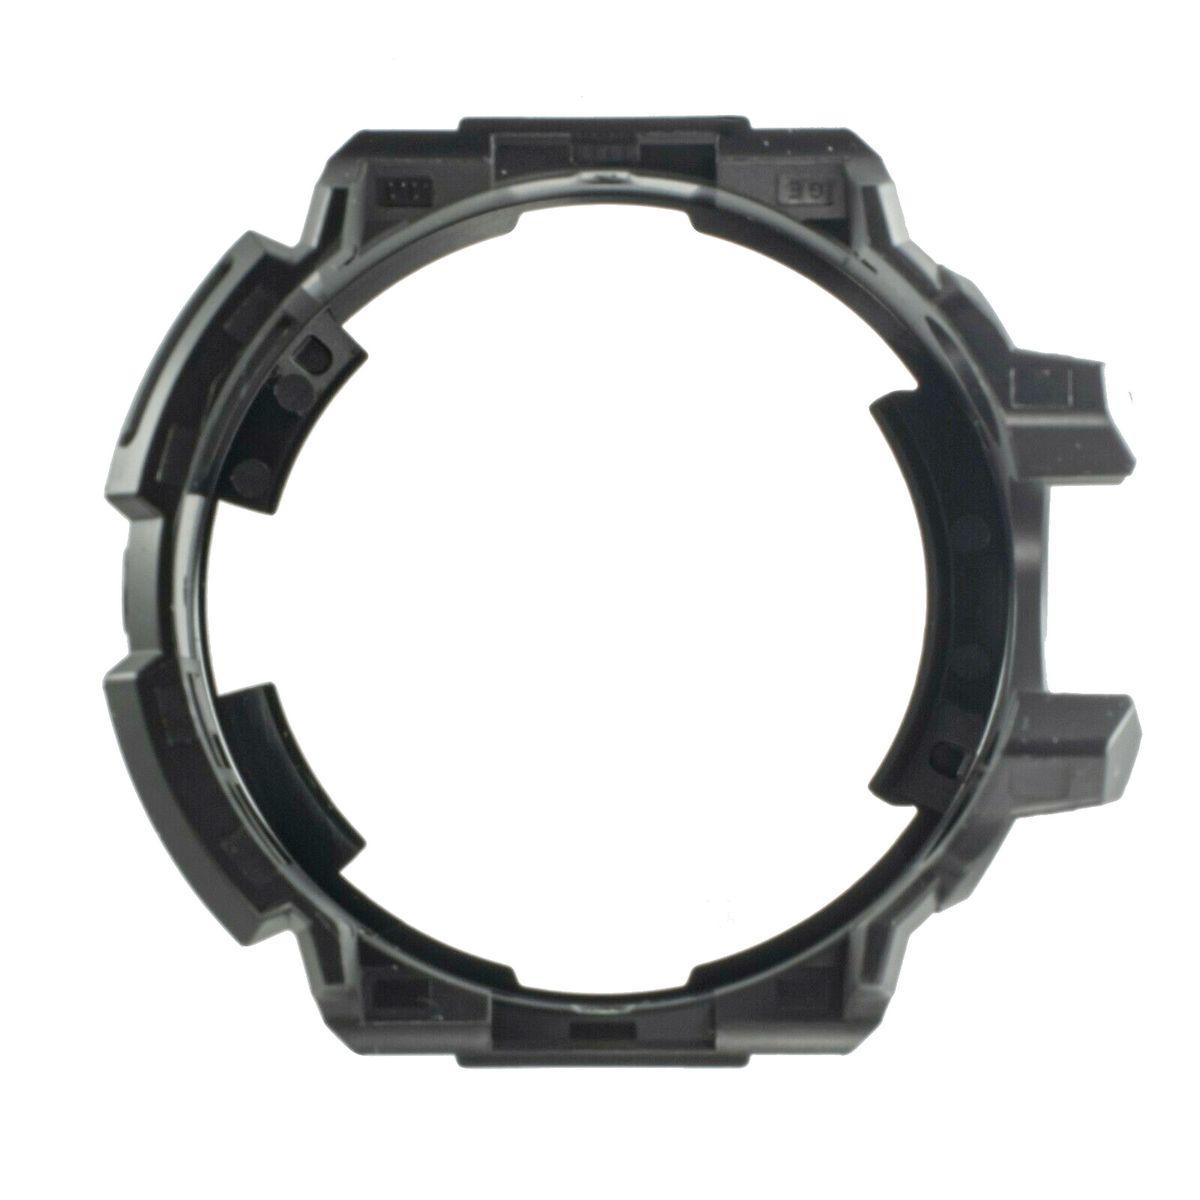 Bezel Capa Casio G-shock Preto Fosco GW-A1100FC-1A  GW-A1100-1A3  - E-Presentes